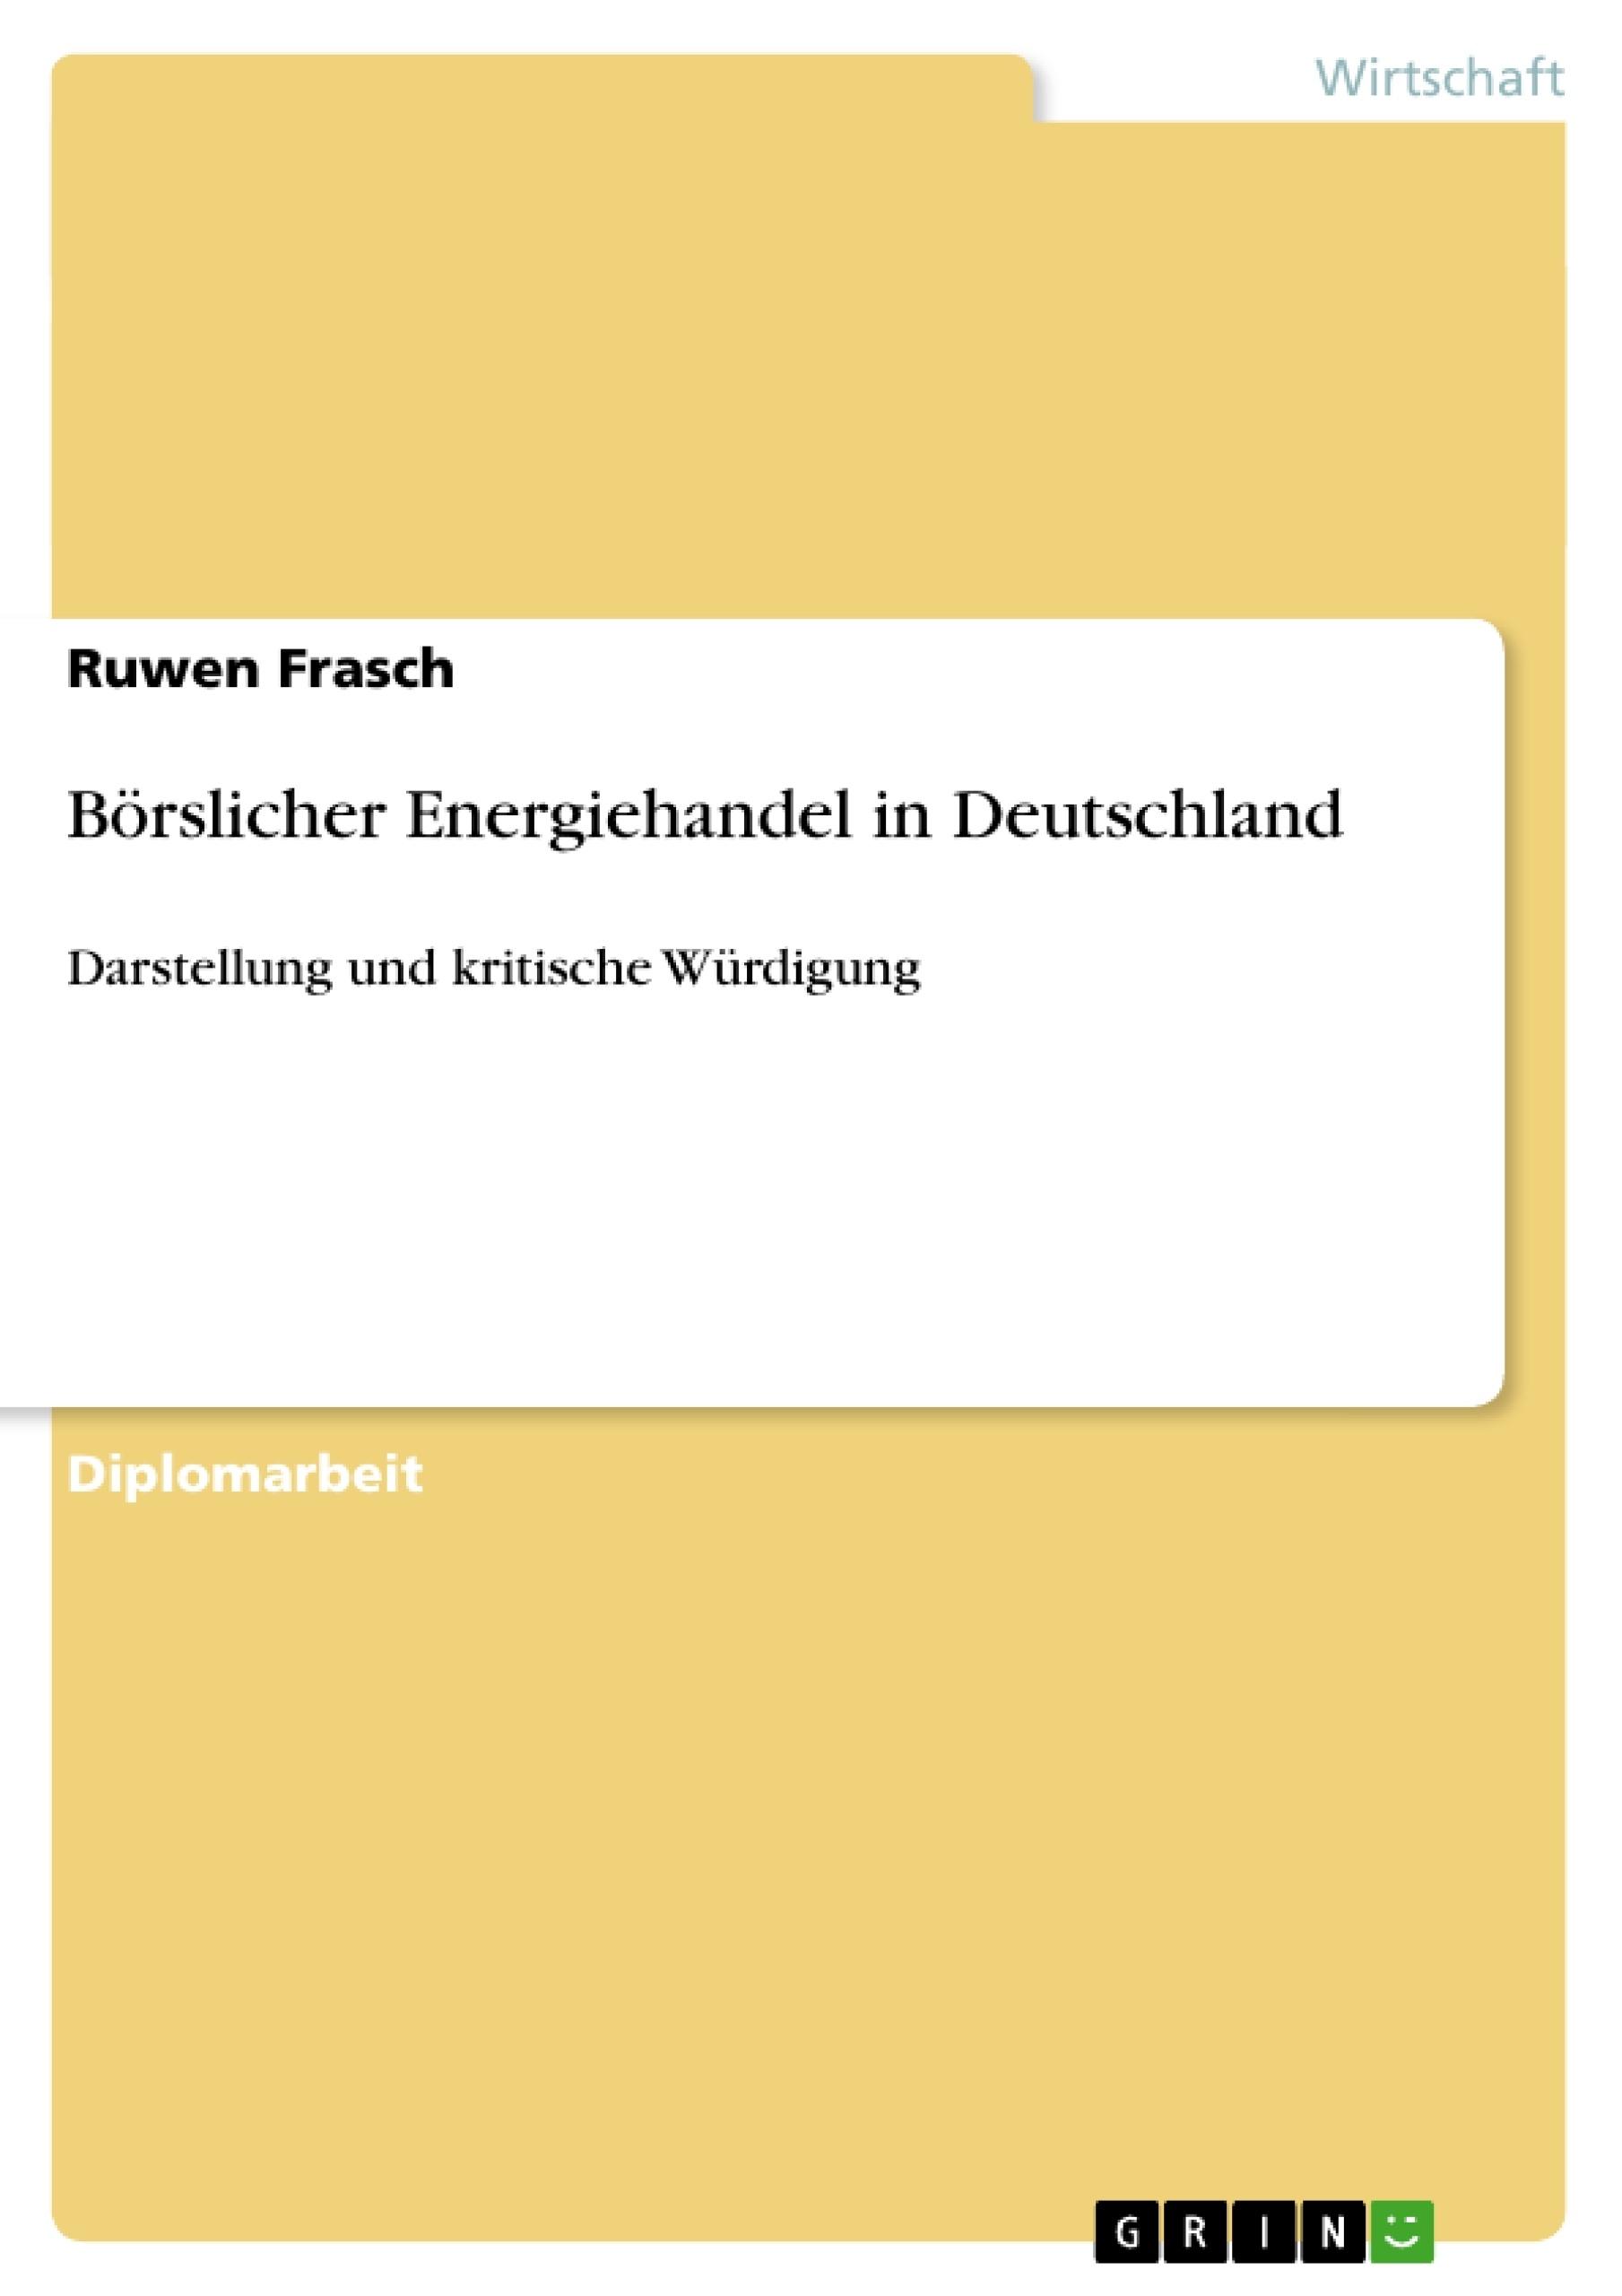 Titel: Börslicher Energiehandel in Deutschland